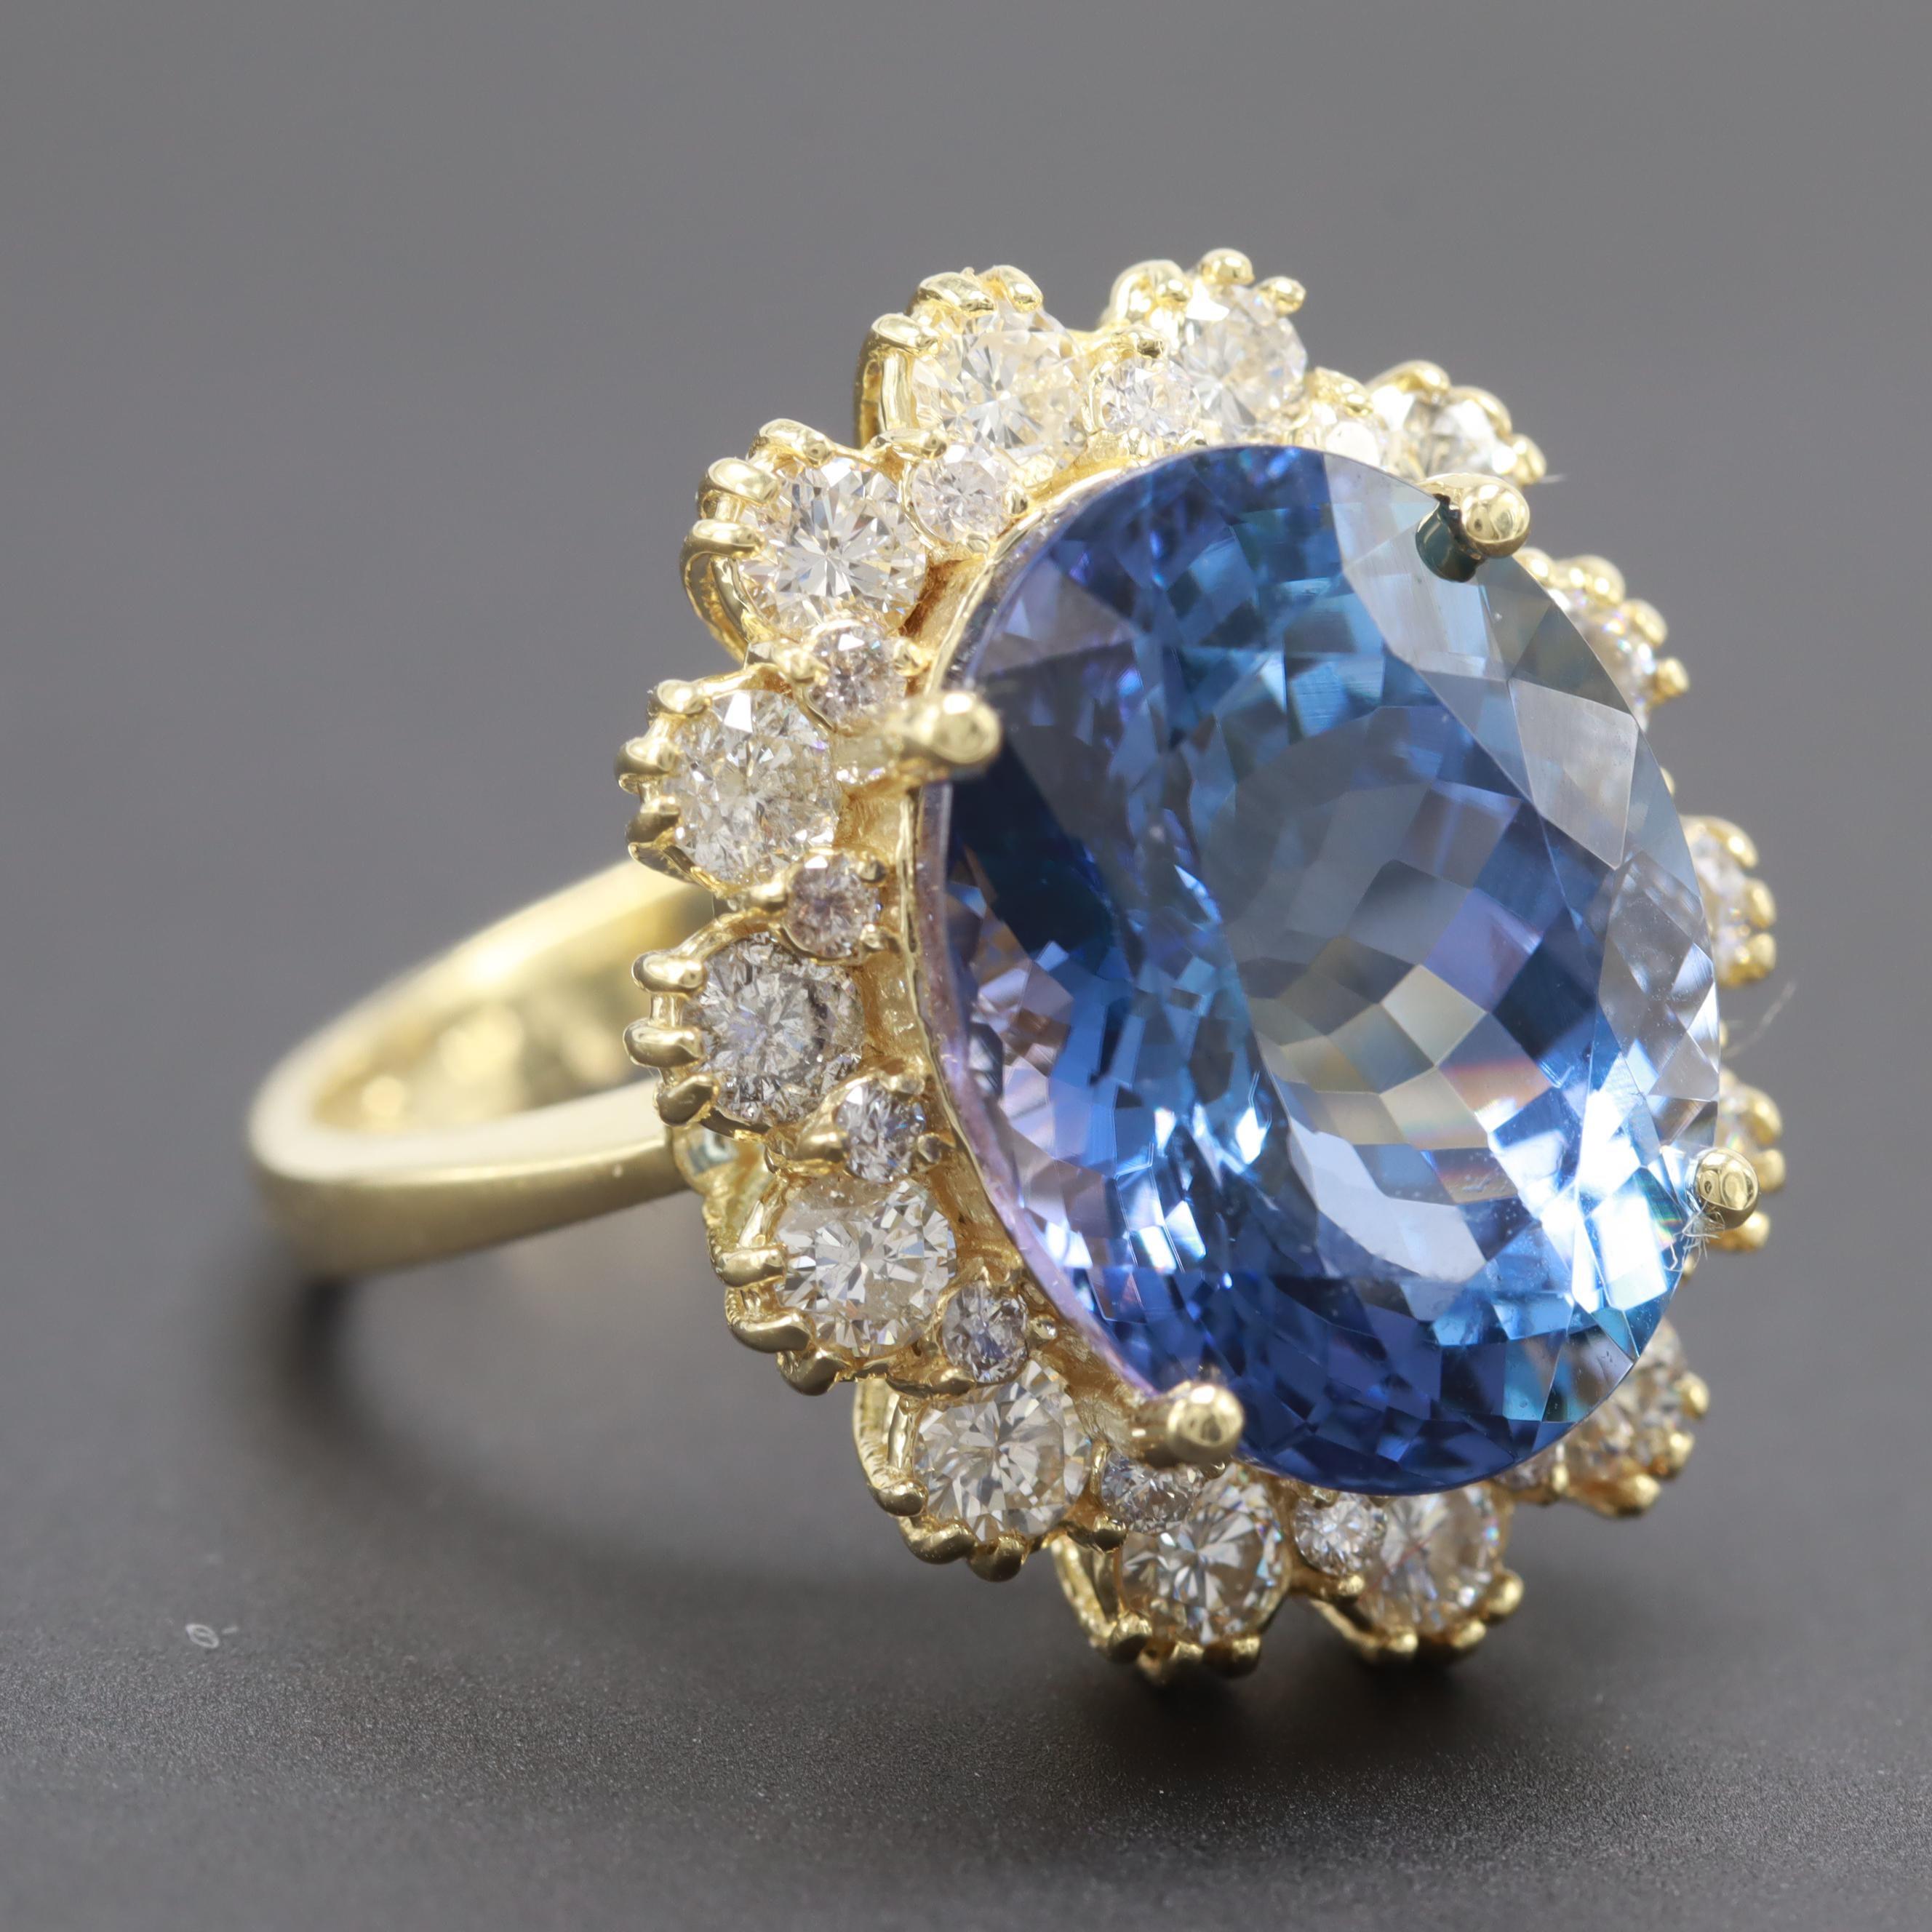 18K Yellow Gold 9.88 CT Tanzanite and 1.35 CTW Diamond Ring